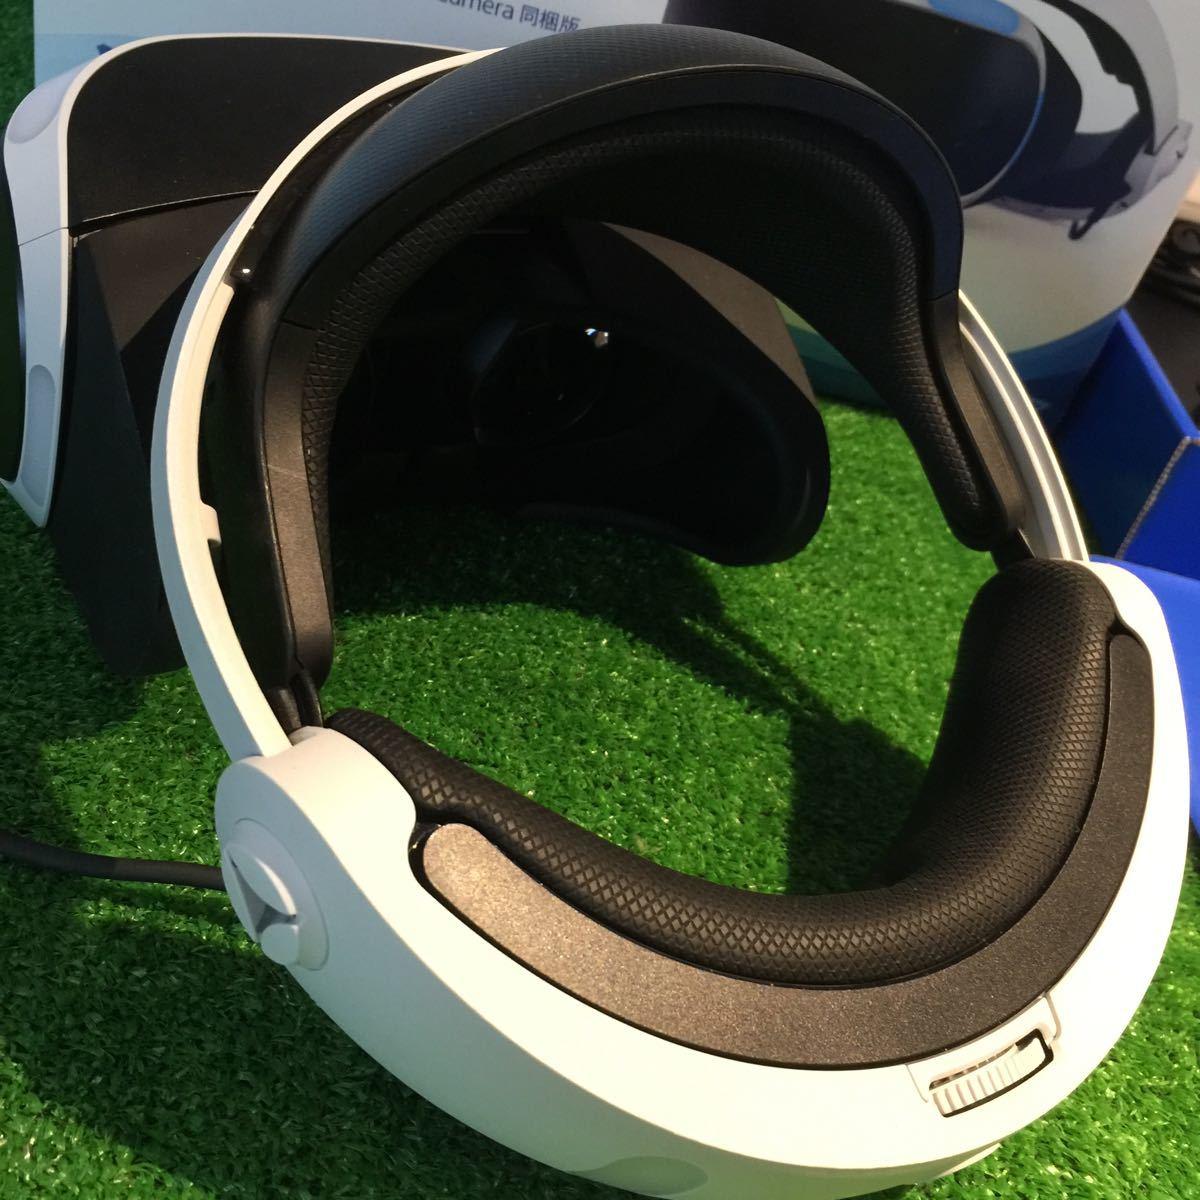 1円~ PSVR PlayStation VR PlayStation Camera同梱版 CUHJ-16003 元箱 説明書付き (77) 100サイズ_画像5